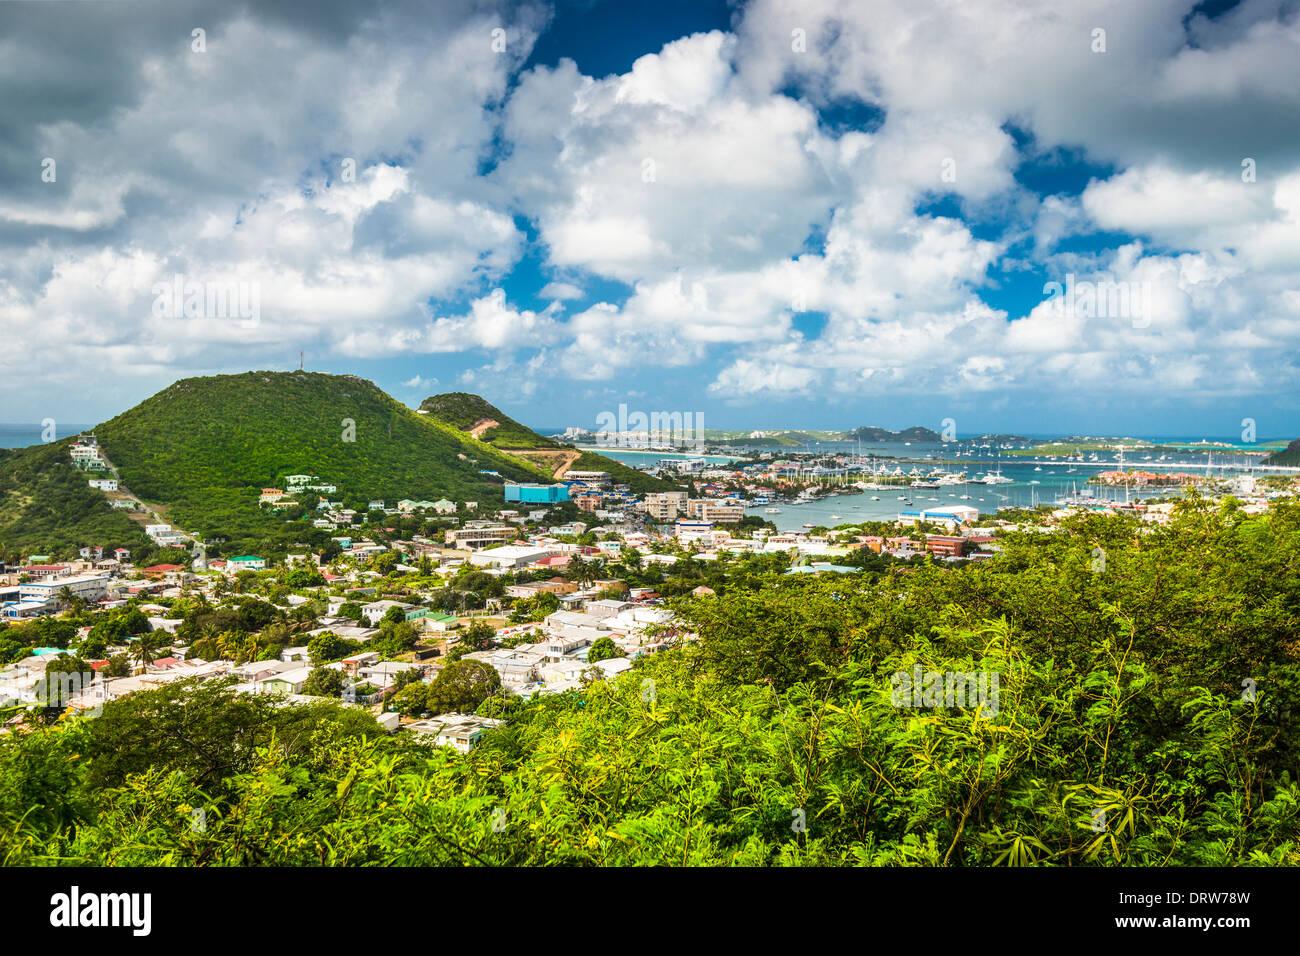 Philipsburg, Sint Maarten, Netherlands Antilles - Stock Image